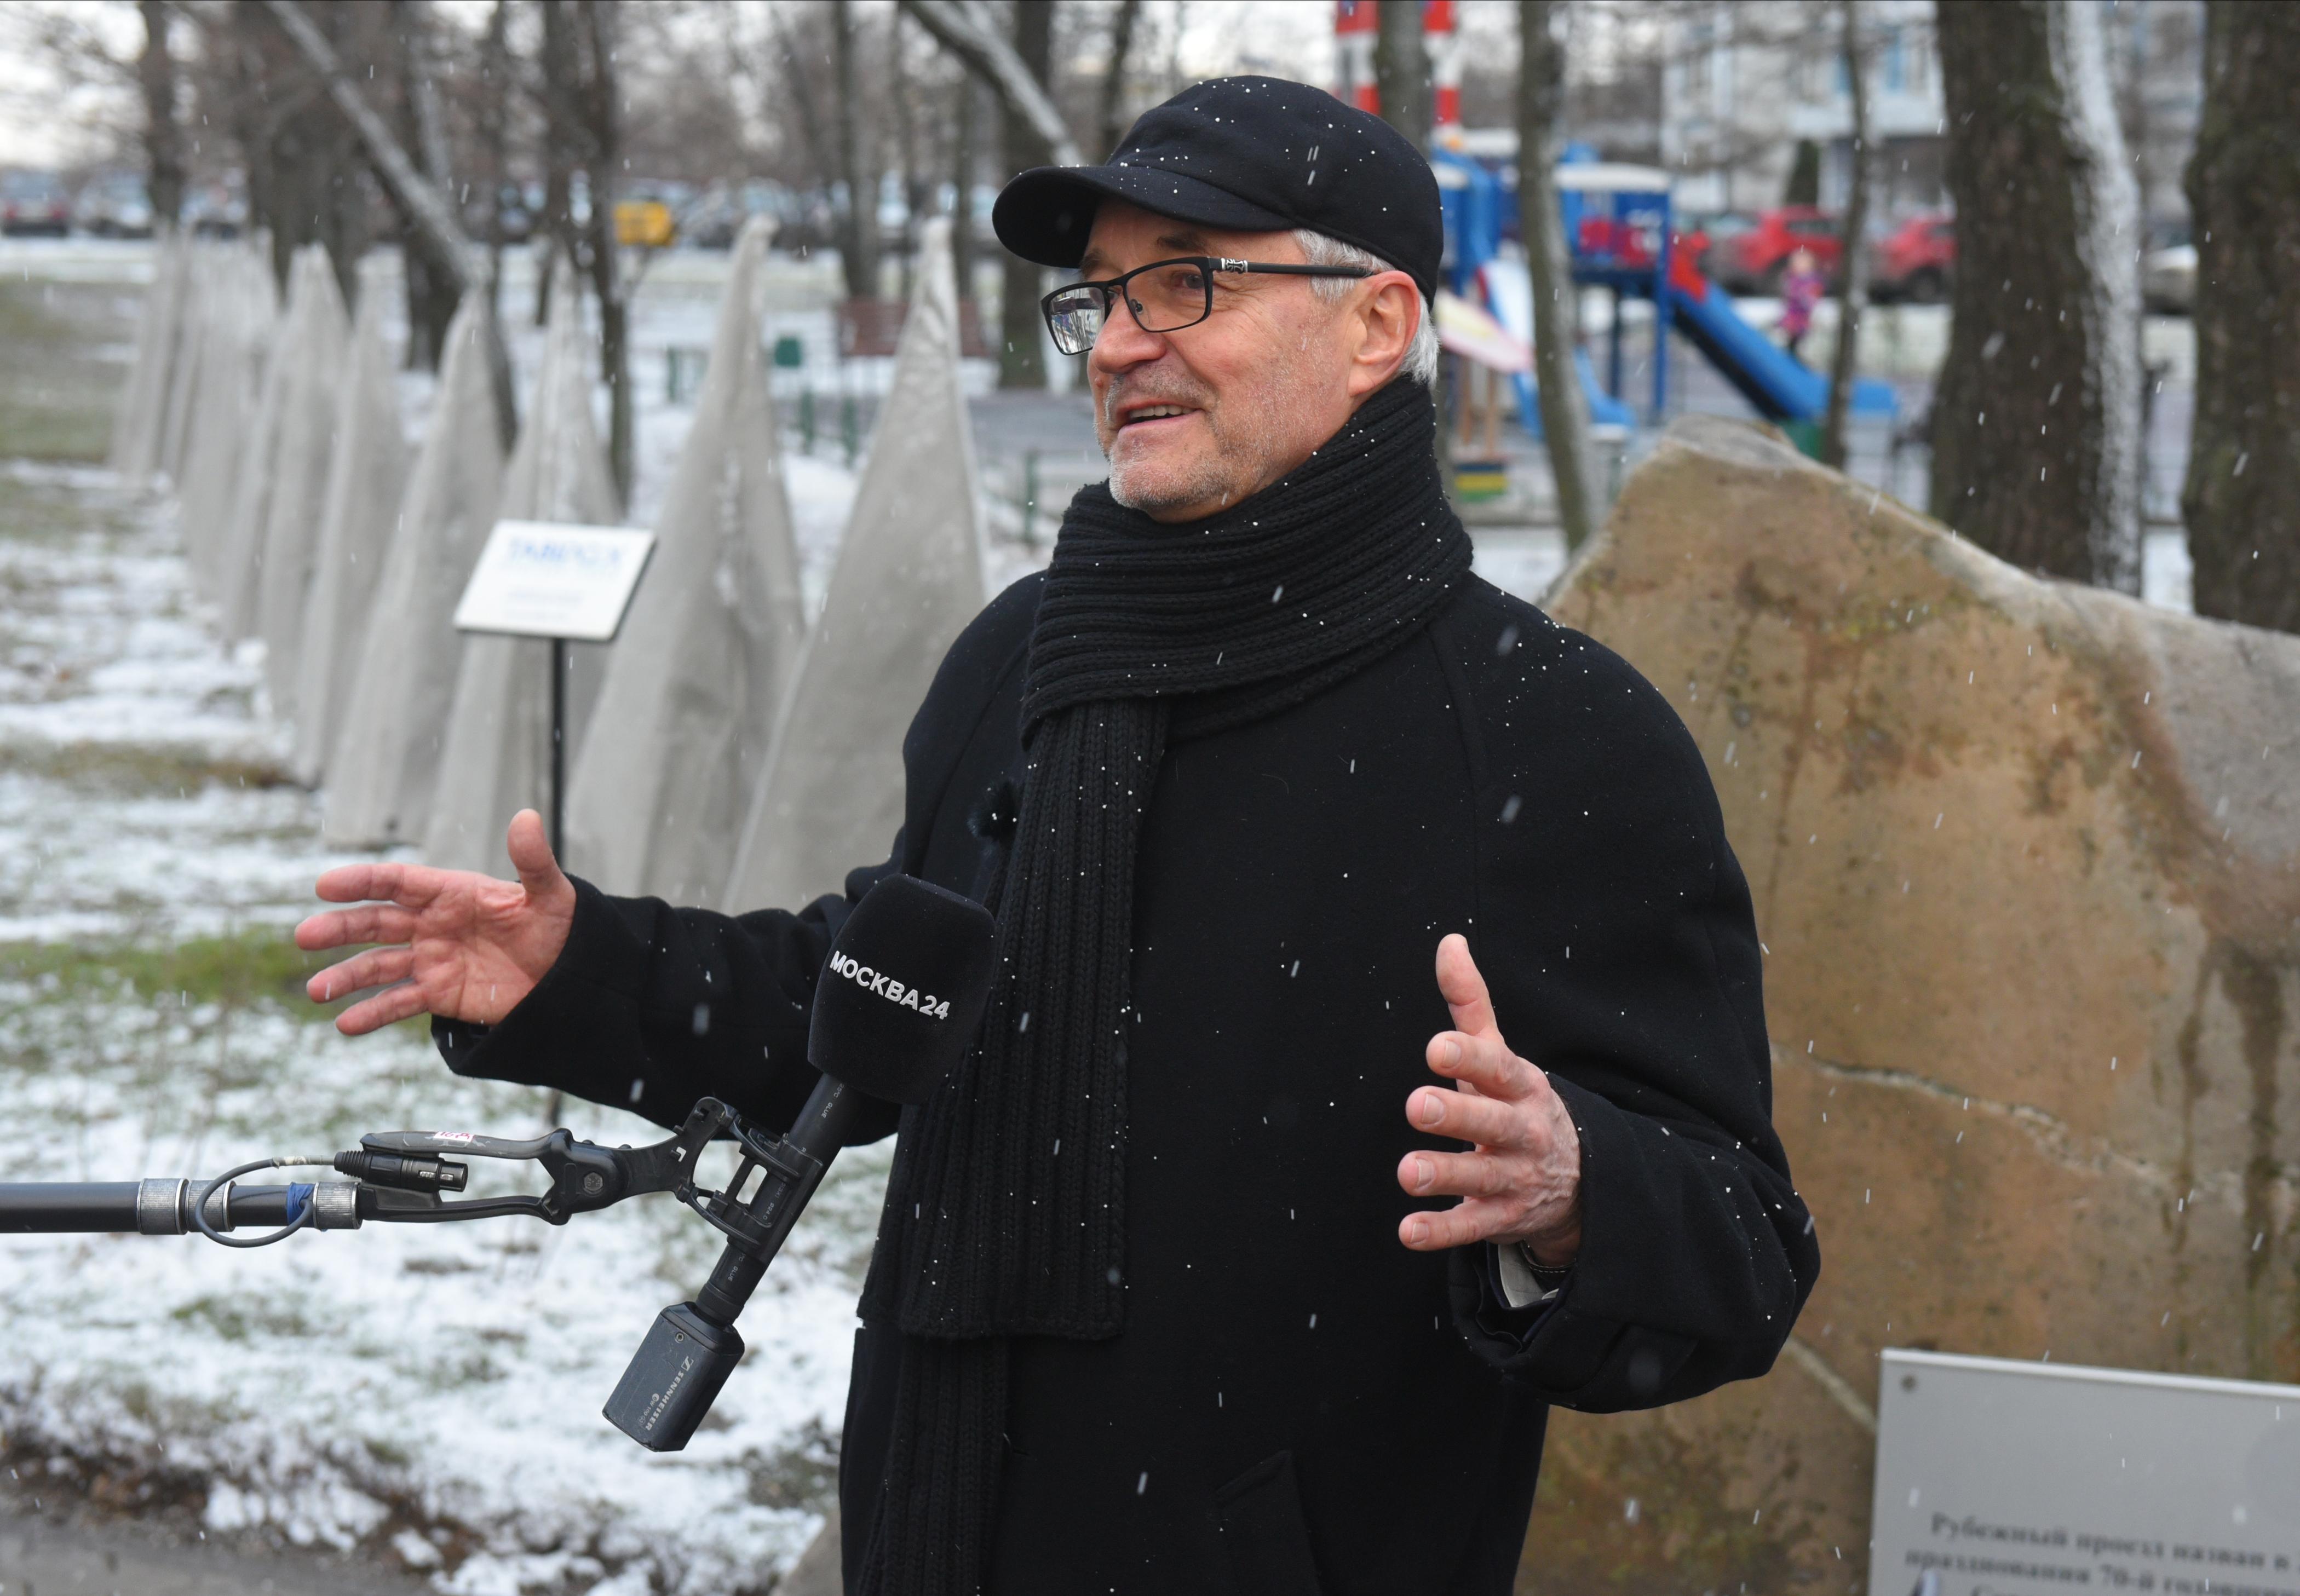 Депутат МГД Герасимов: Новогодний конкурс «Арт-Ель» поможет развитию экологической грамотности